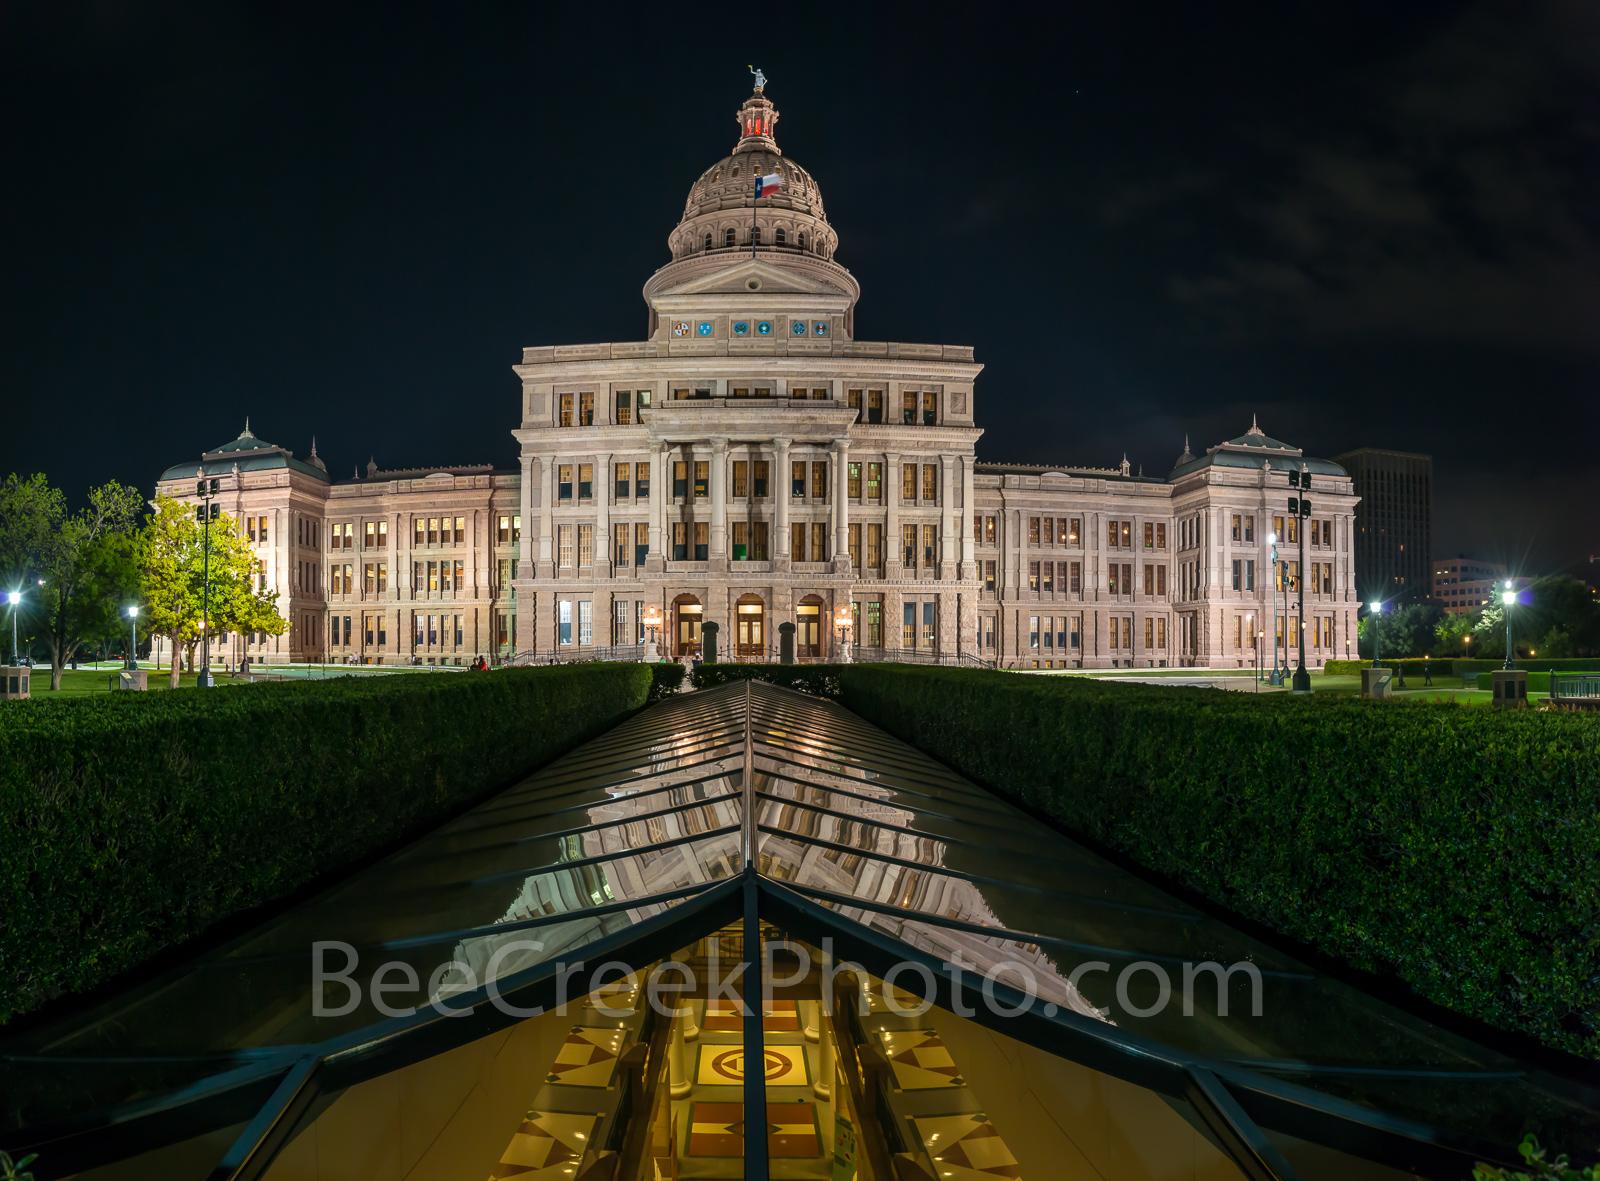 Texas capitol, night, Texas state capital, texas state capitol, State Capitol, State Capital, images of texas, photos of texas, cityscape, downtown, tourism, tourist, historic, landmark,, photo